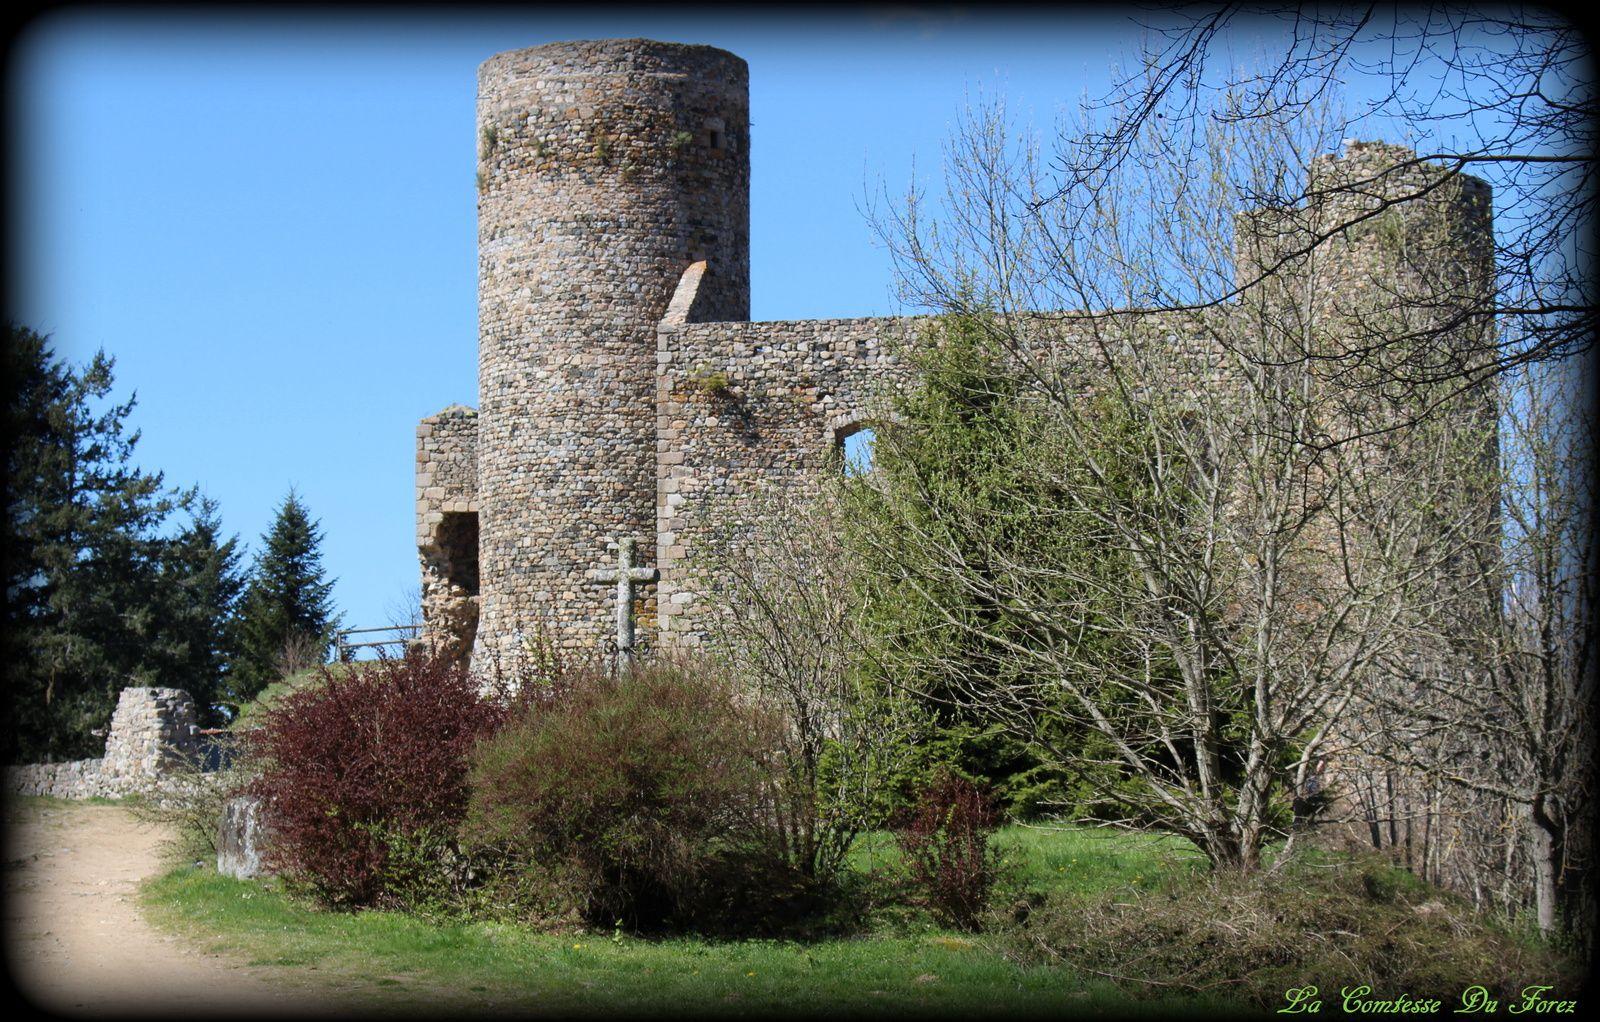 Château des Cornes d'Urfé (42430 Champoly)